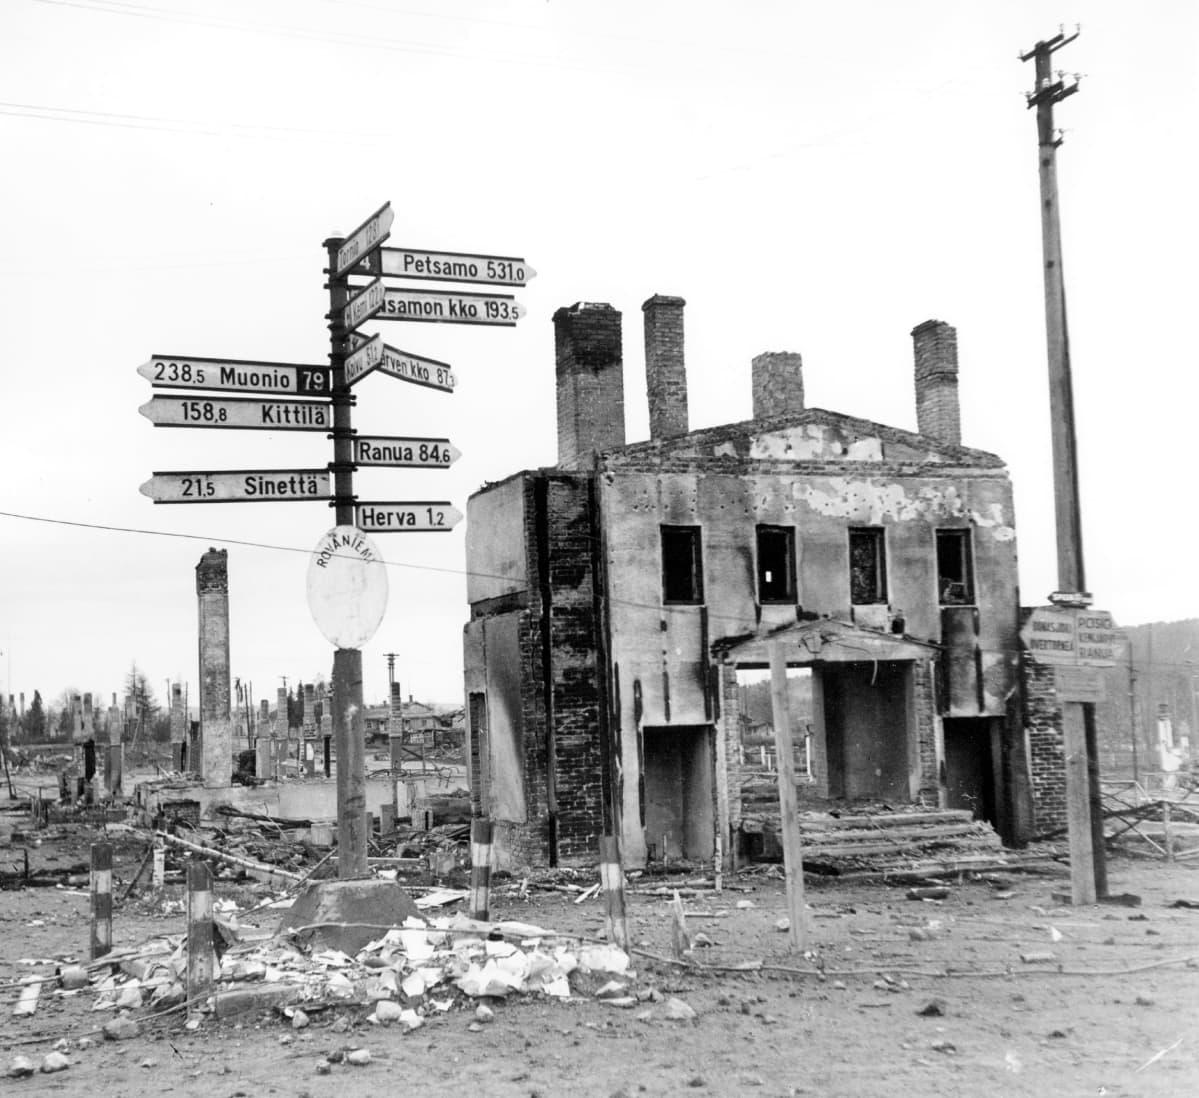 Jatkosota, Lapin sota. Saksalaisten tuhoama talo Rovaniemellä 1944.